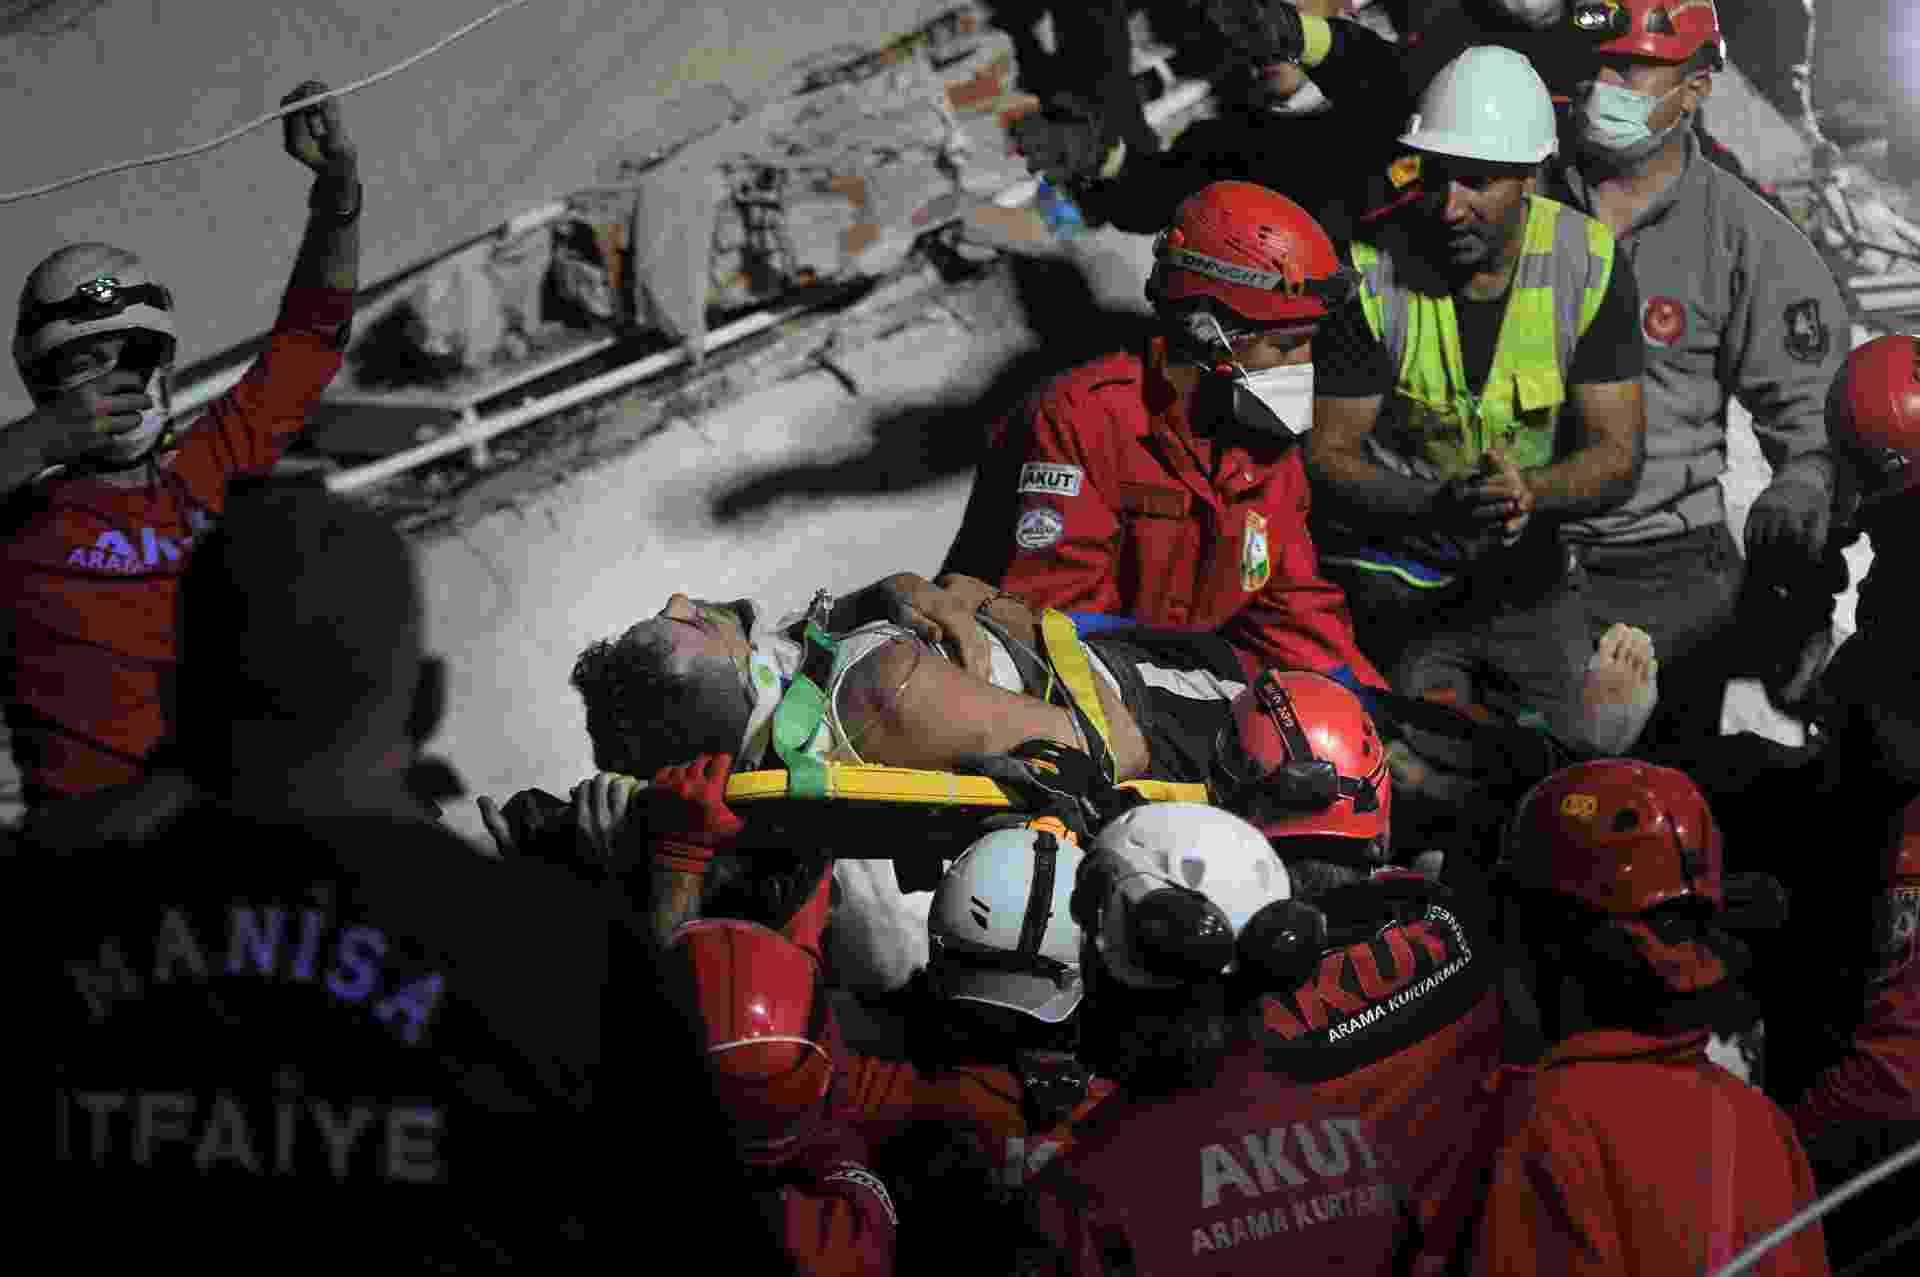 30 out. 2020 - Pessoas resgatando feridos após terremoto em Izmir, na Turquia - Getty Images/Getty Images